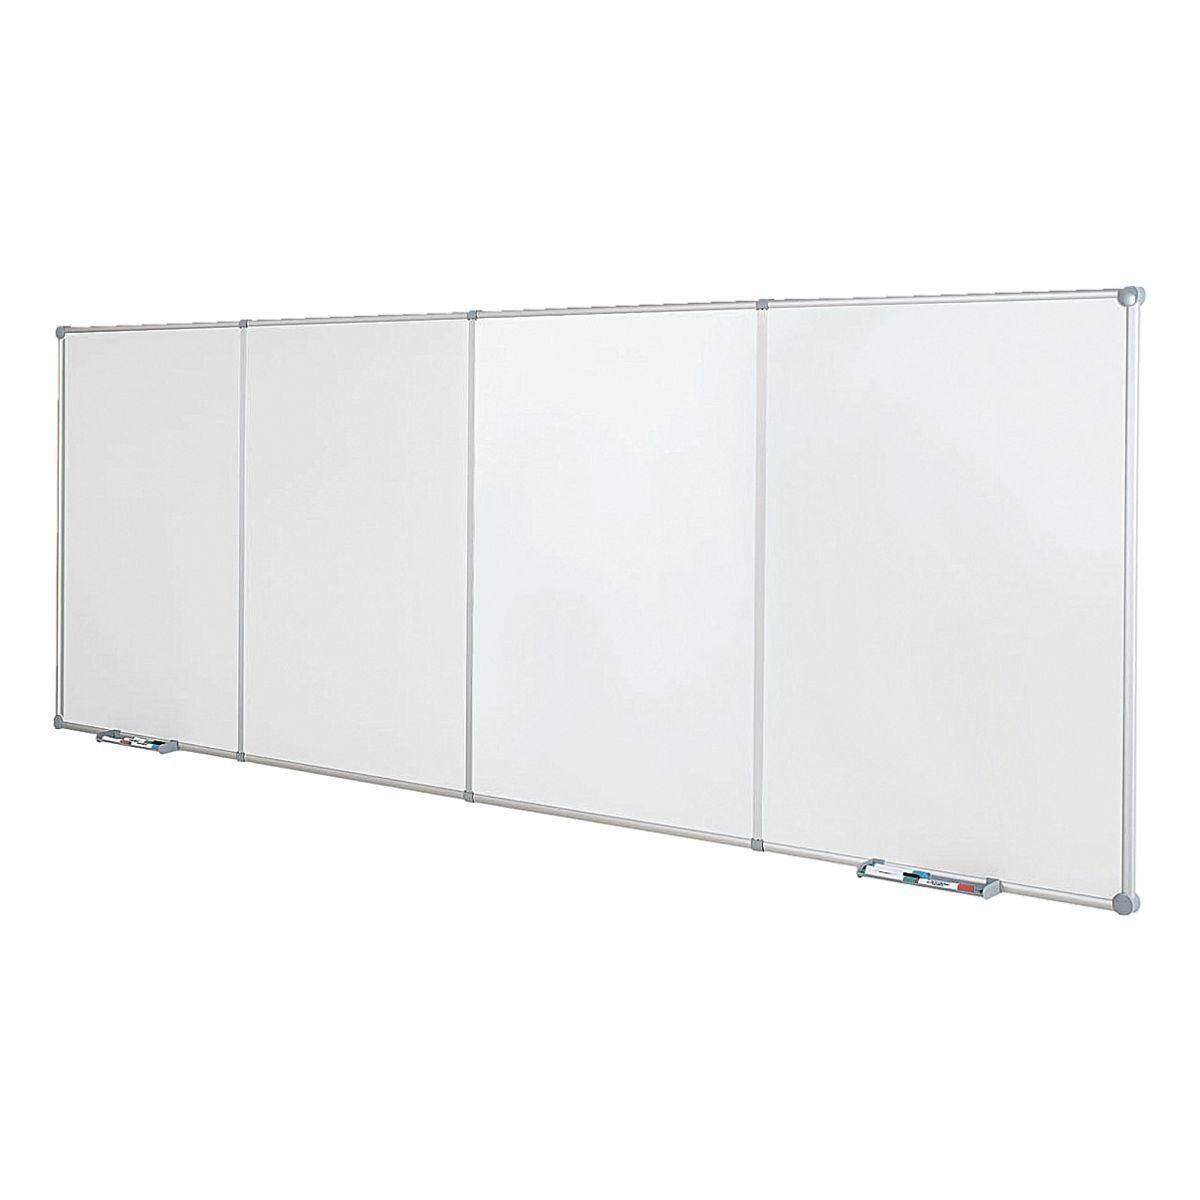 Maul Endlos-Whiteboard Erweiterung kunststoffbeschichtet, 90 x 12... »6335484«